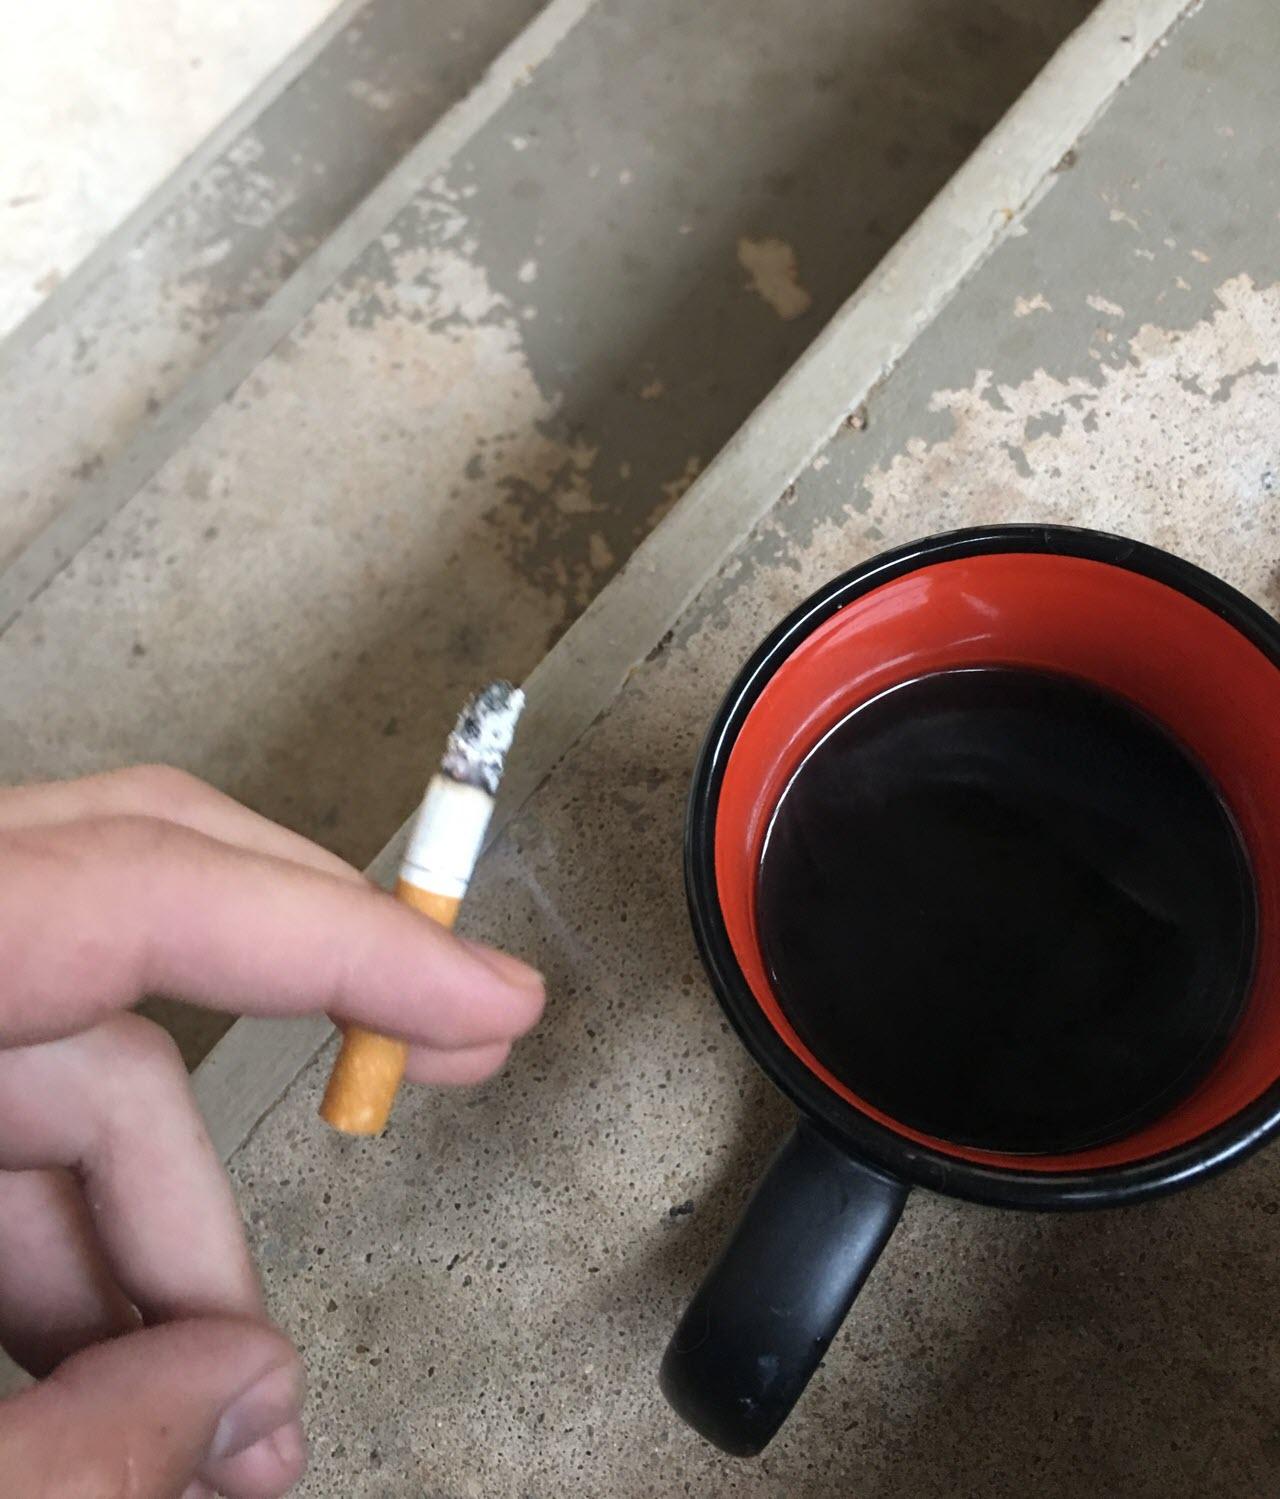 Hình ảnh điếu thuốc tàn bên ly cafe cạn